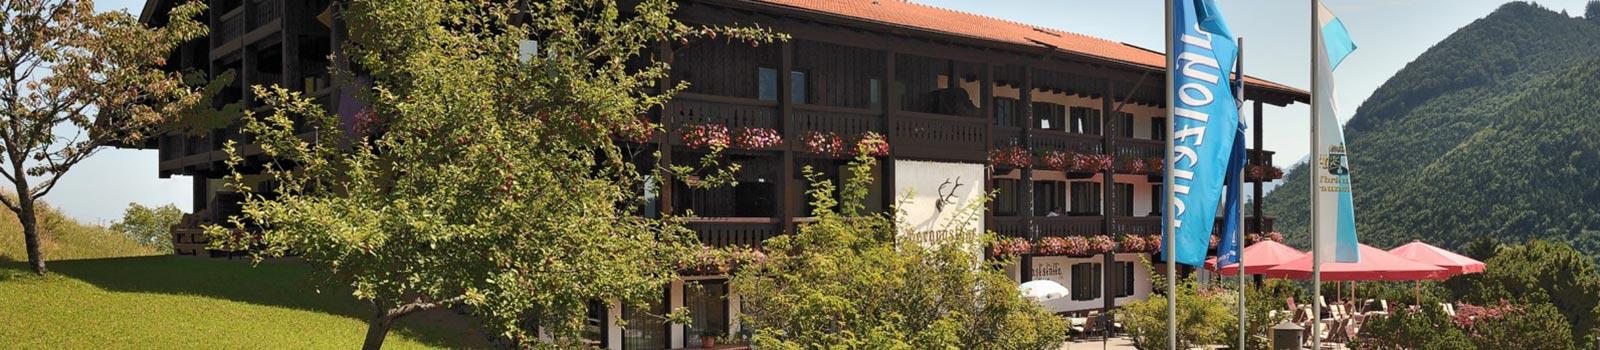 Berggasthof Hotel Adersberg